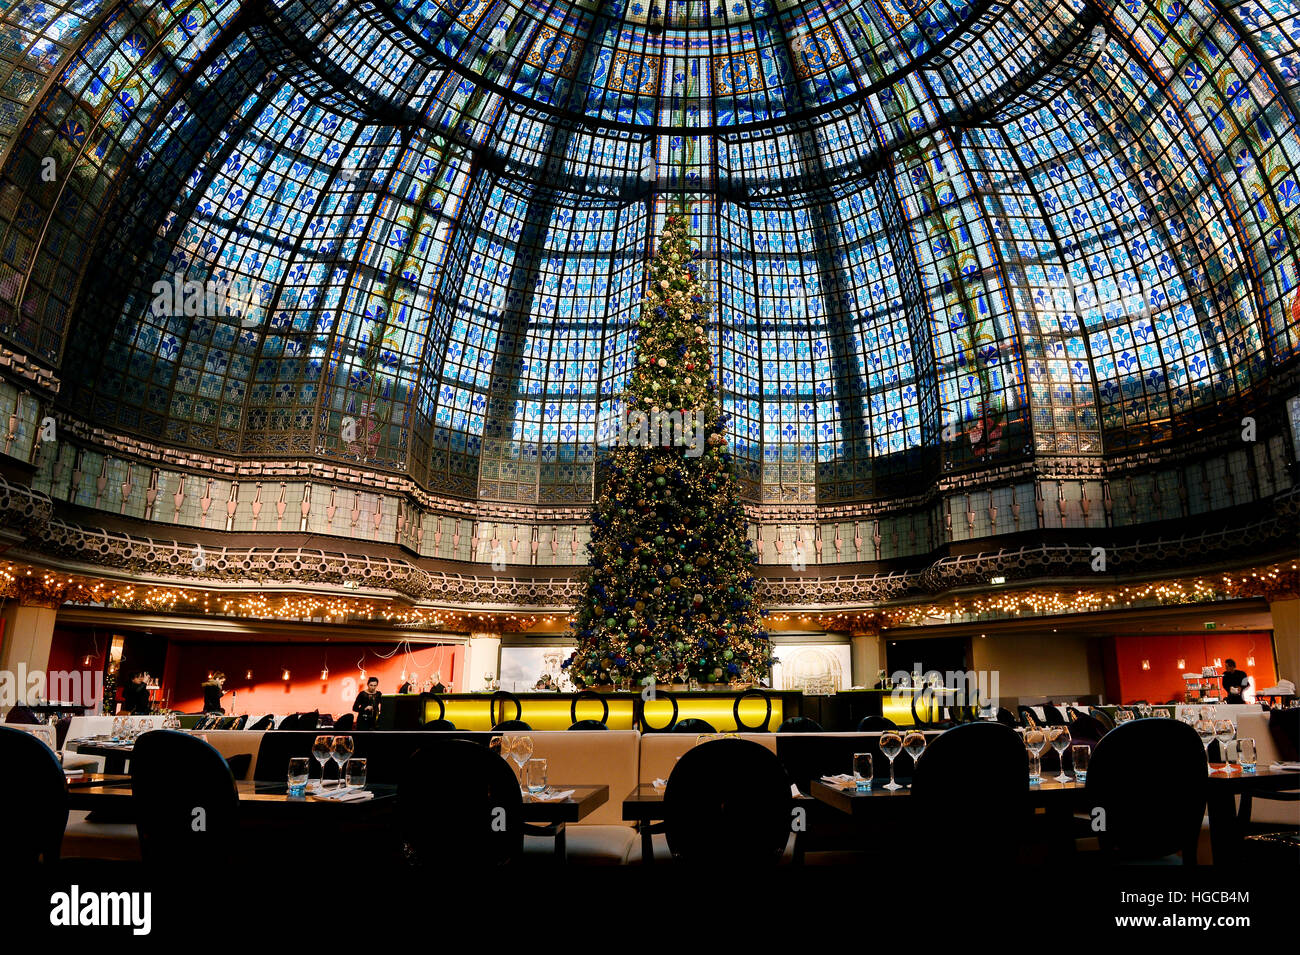 Glass roof in Le Printemps / Haussmann, Paris, France - Stock Image